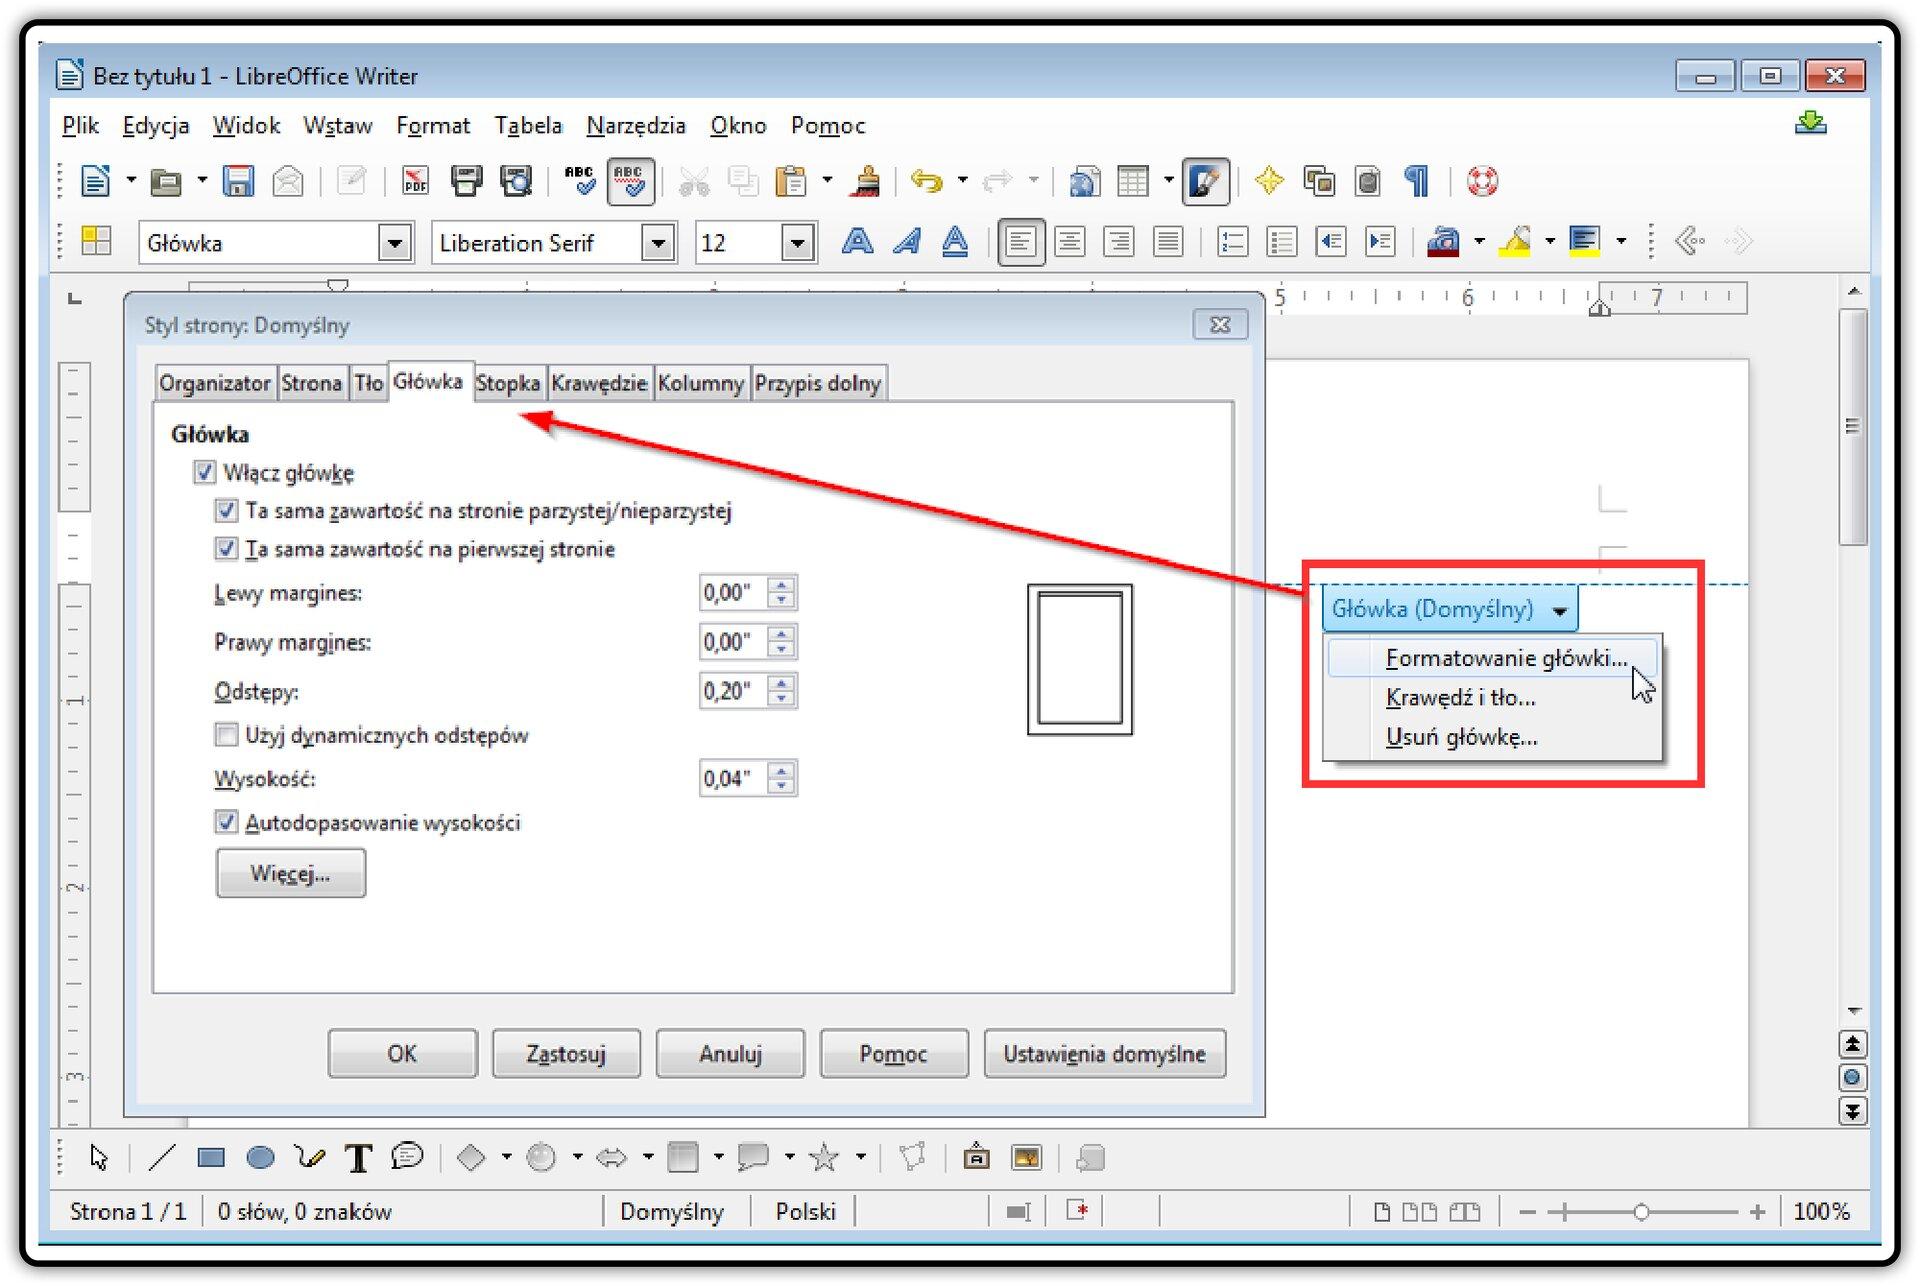 Zrzut okna programu LibreOffice Writer zotwartym oknem: Styl strony